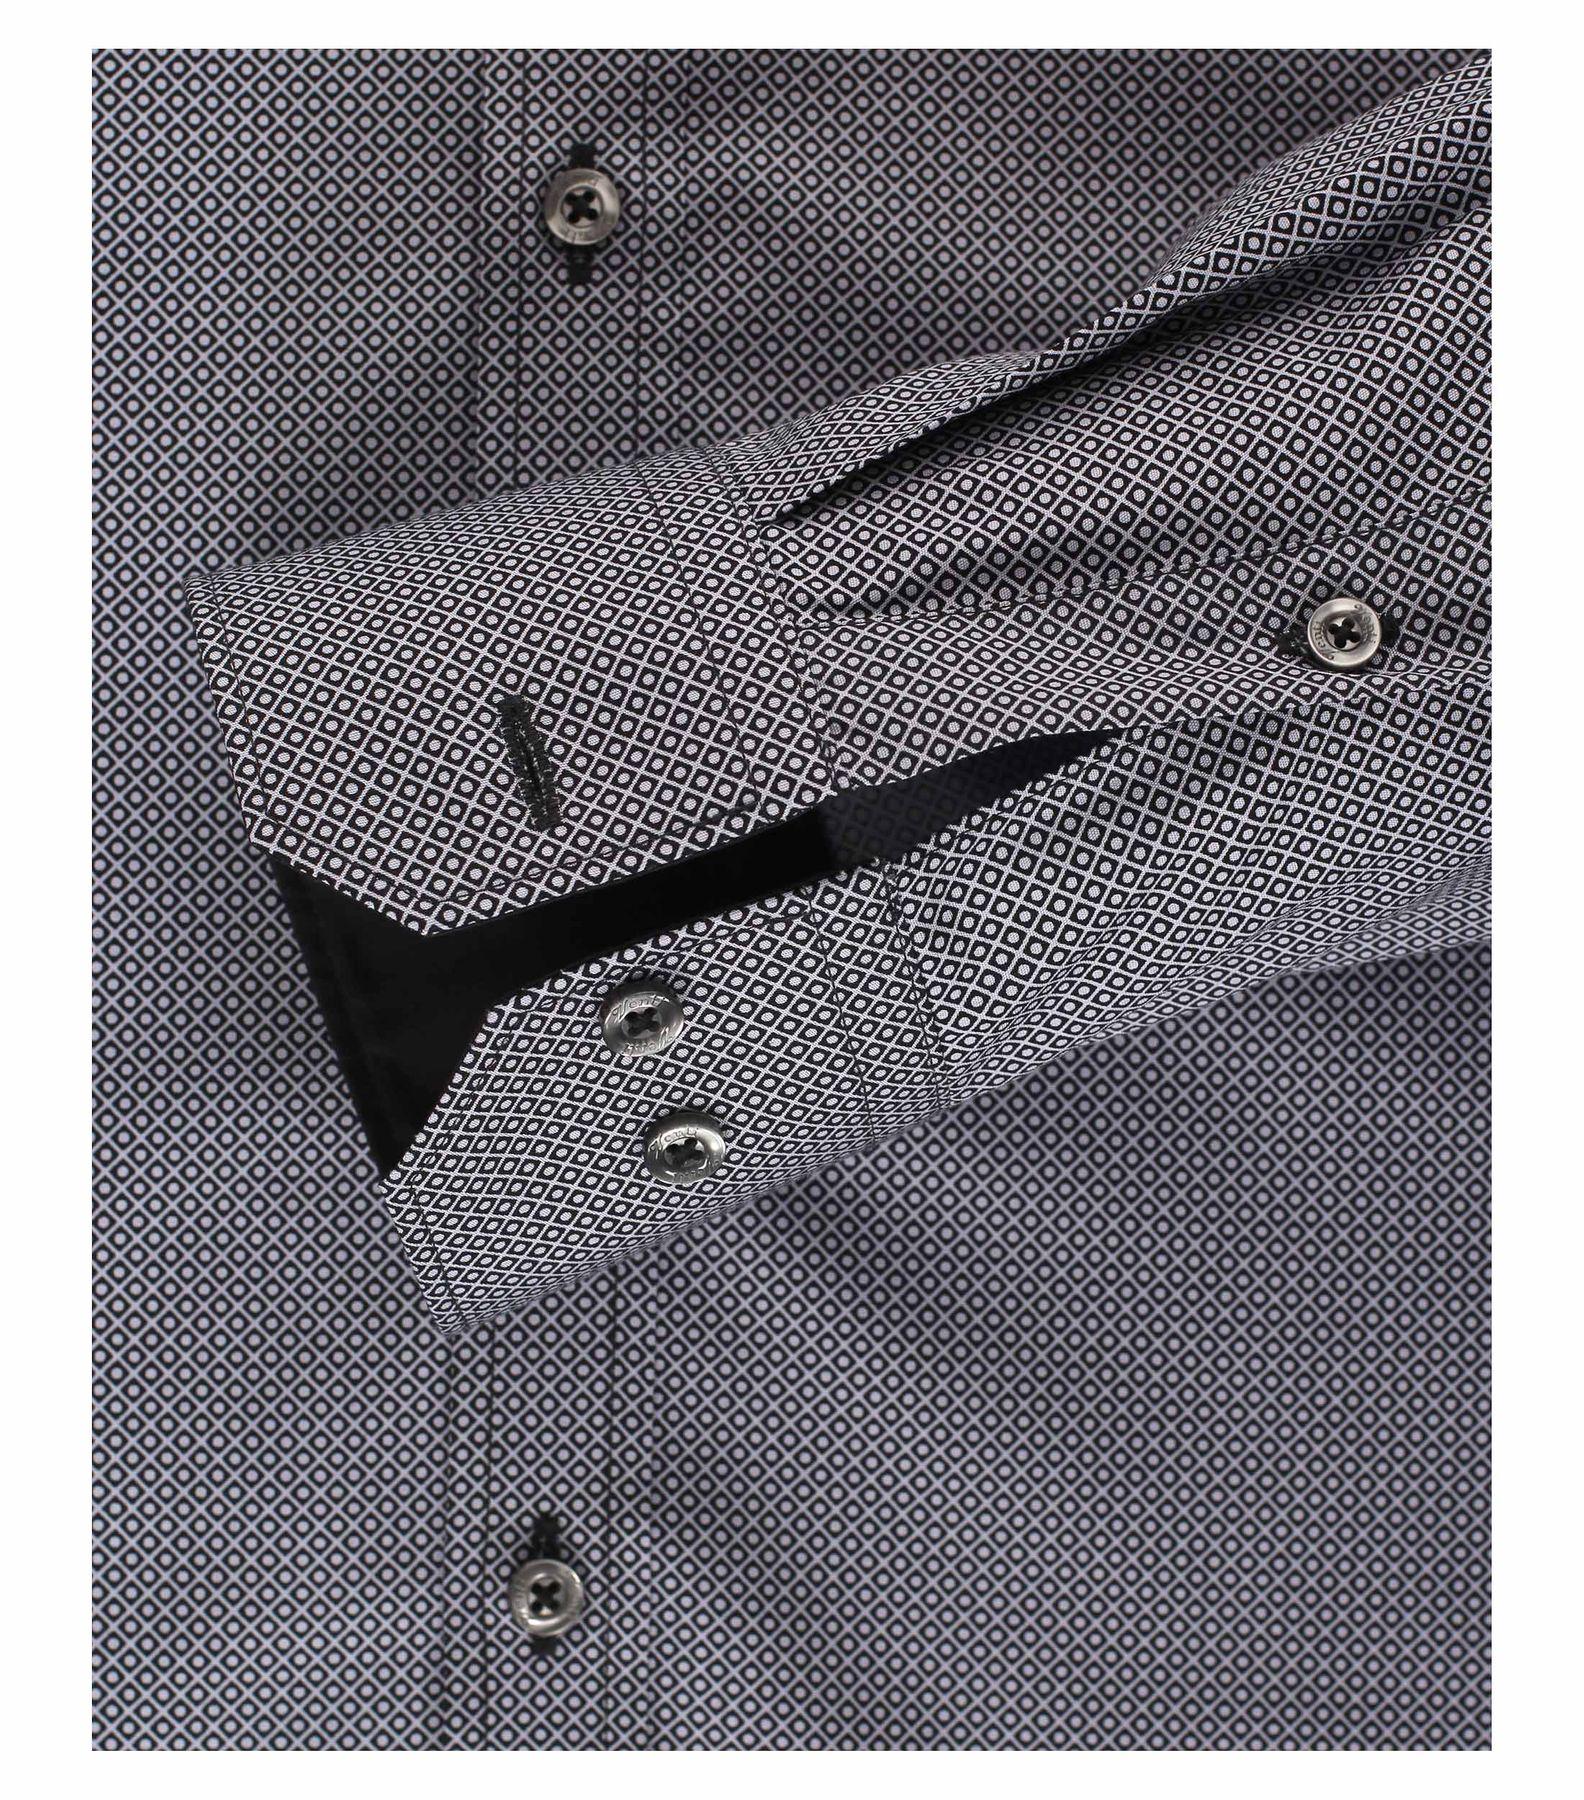 Venti - Slim Fit - Herren Hemd mit modischem Aufdruck aus 100% Baumwolle mit Kent Kragen (1162568100) – Bild 12